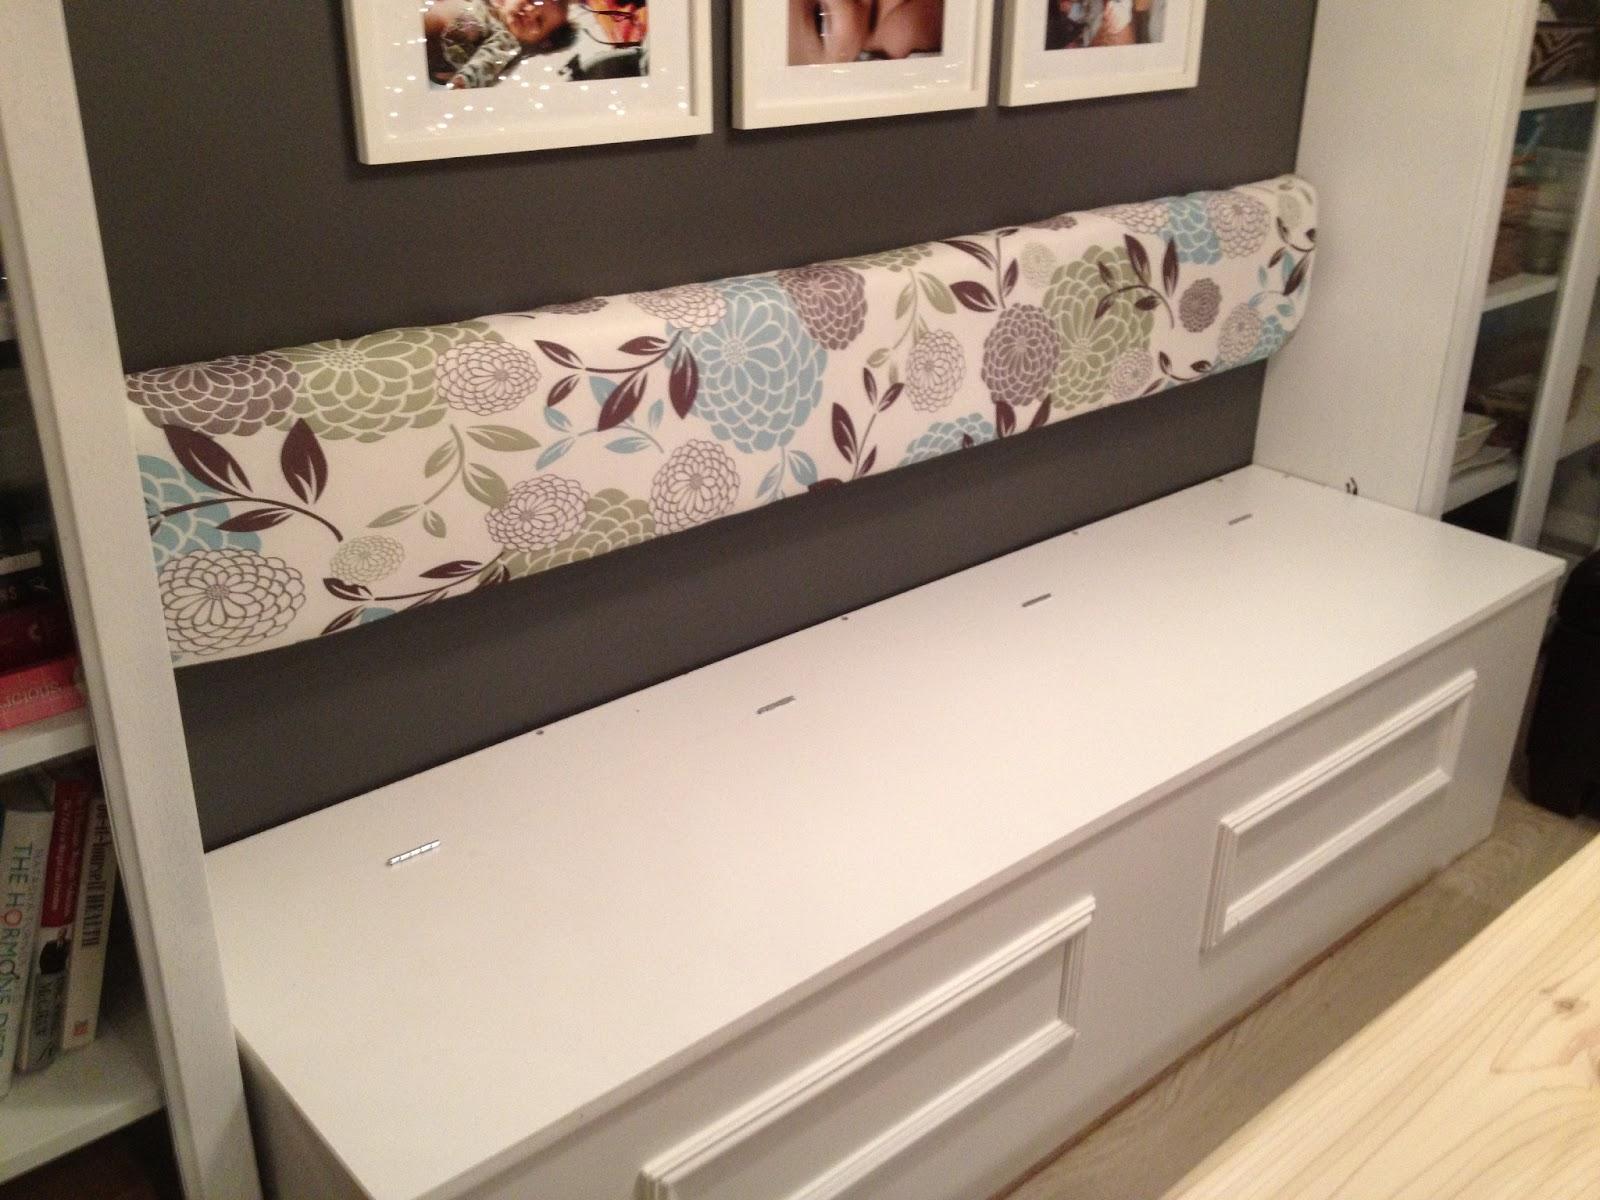 Zen shmen diy banquette storage bench - Kitchen banquette with storage ...